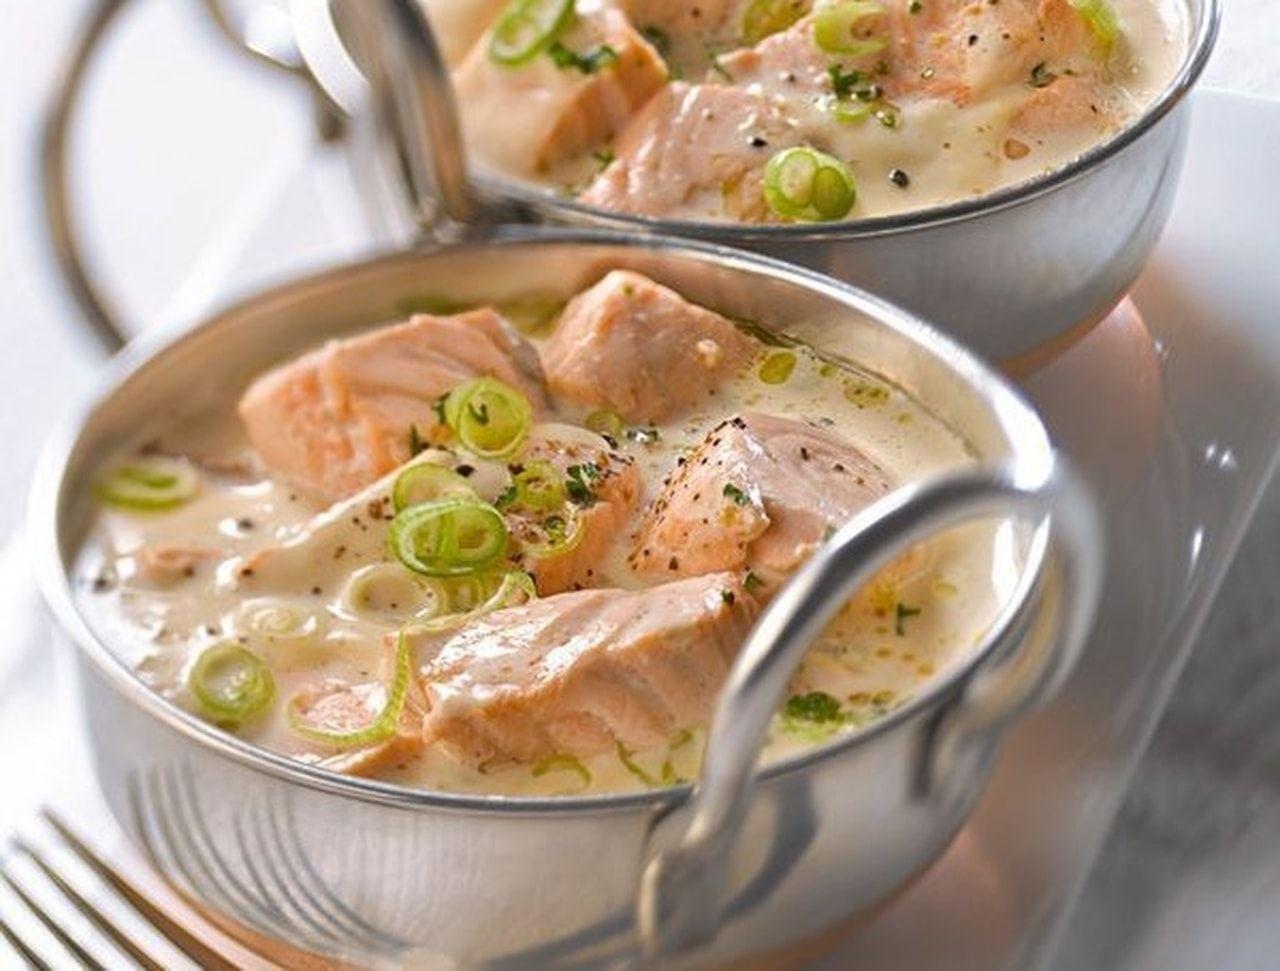 طريقه شهيه لتجهيز شوربة مرق اللحم بالتوابل مقادير 8اشخاص 2كجم من عظام البقر 20 كوب ماء بارد 2 حبة بصل متوسطة مقطعة Salmon Recipes Food Recipes Cooking